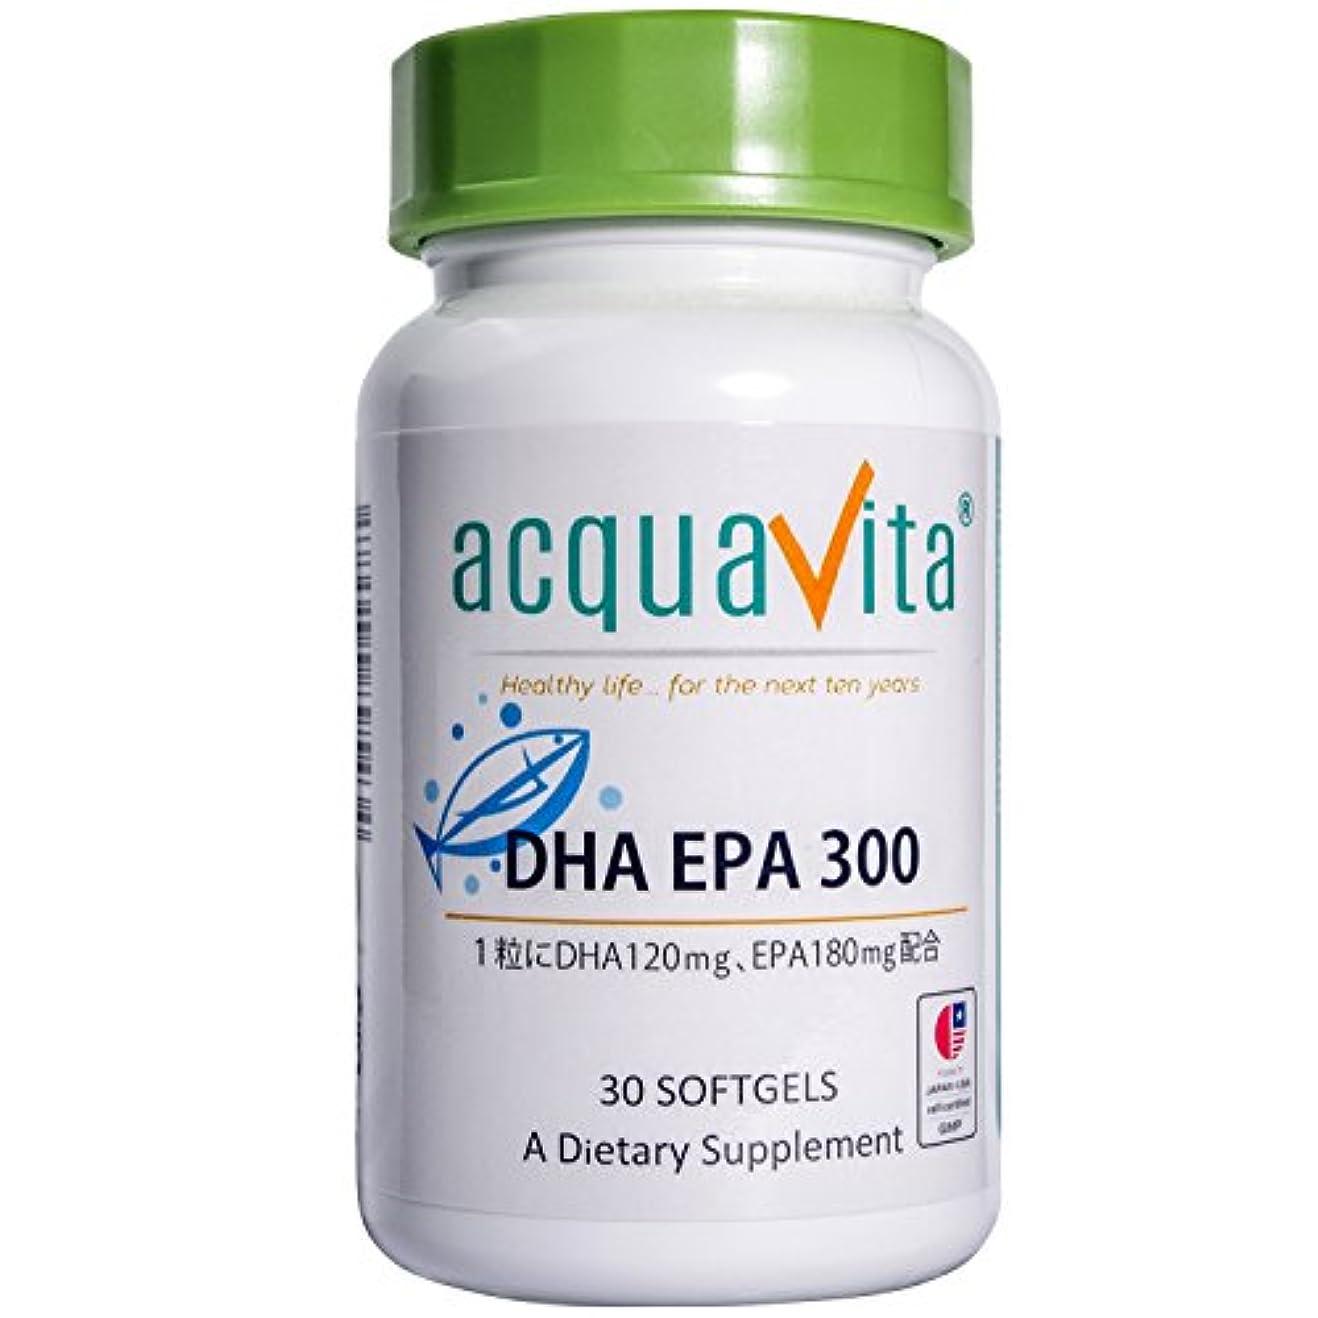 極端な委員会王族acquavita(アクアヴィータ)DHA EPA300 30粒